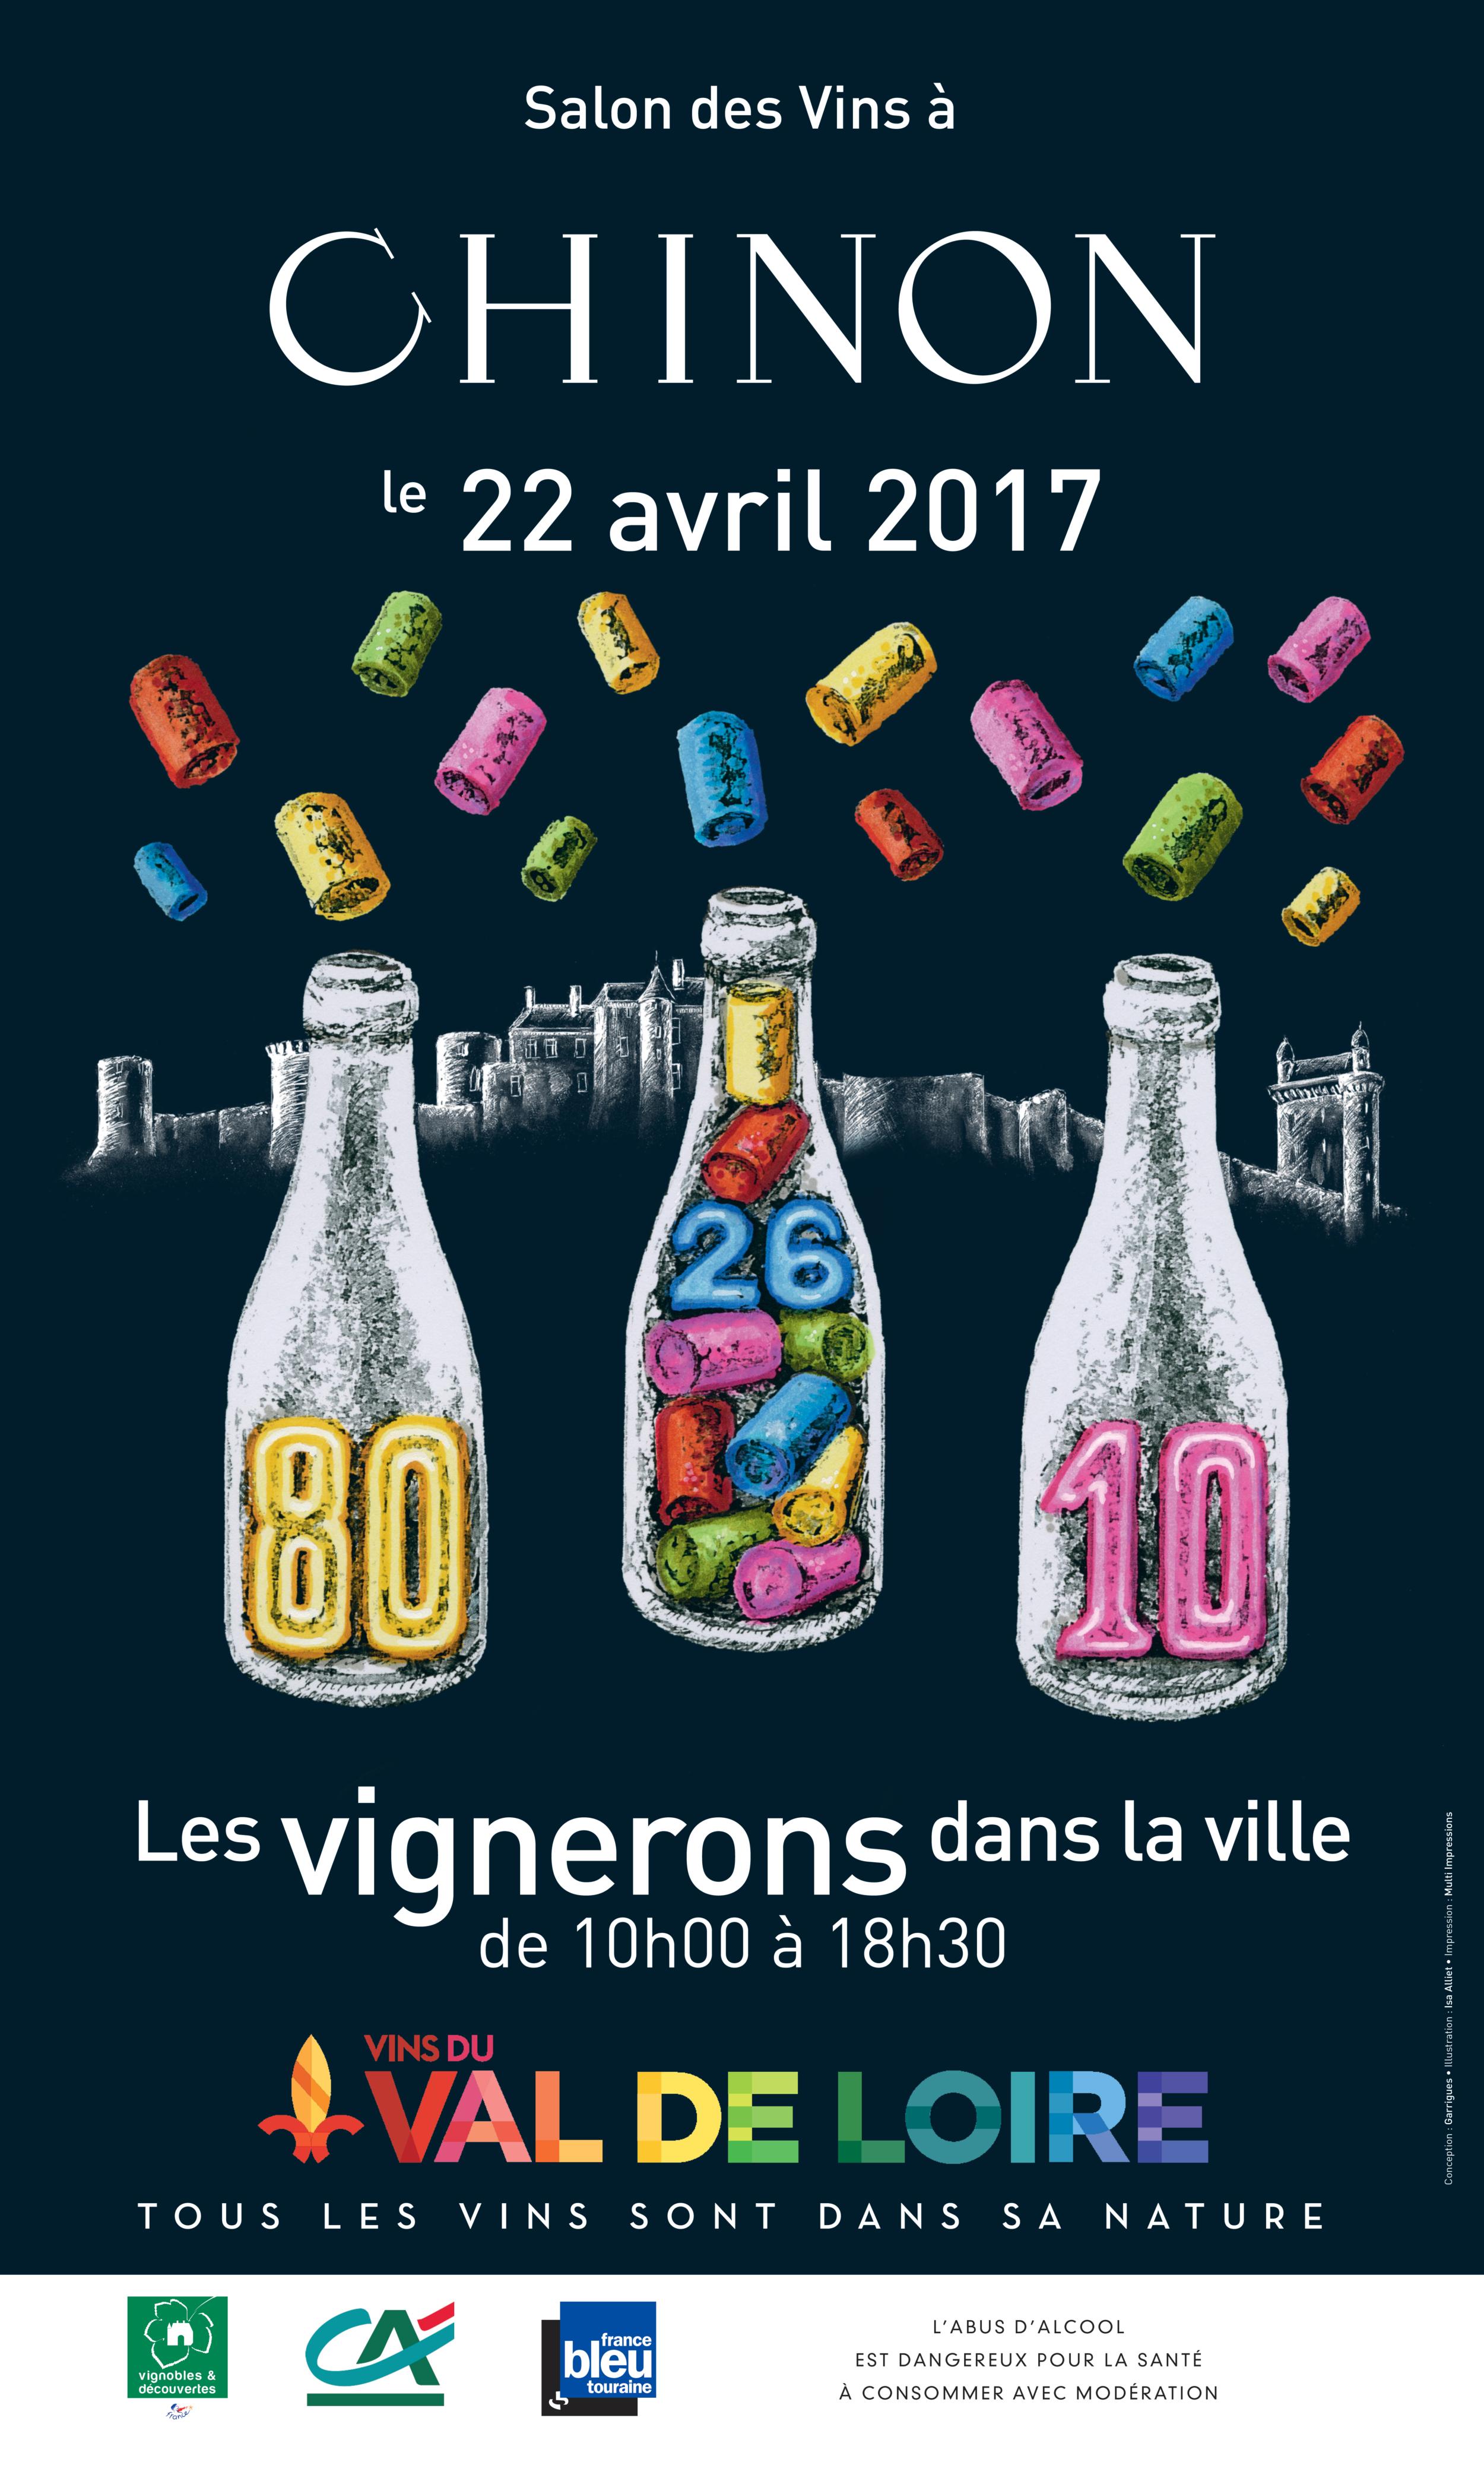 Exp rimentez chinon vins de chinon for Salon du vin reims 2017